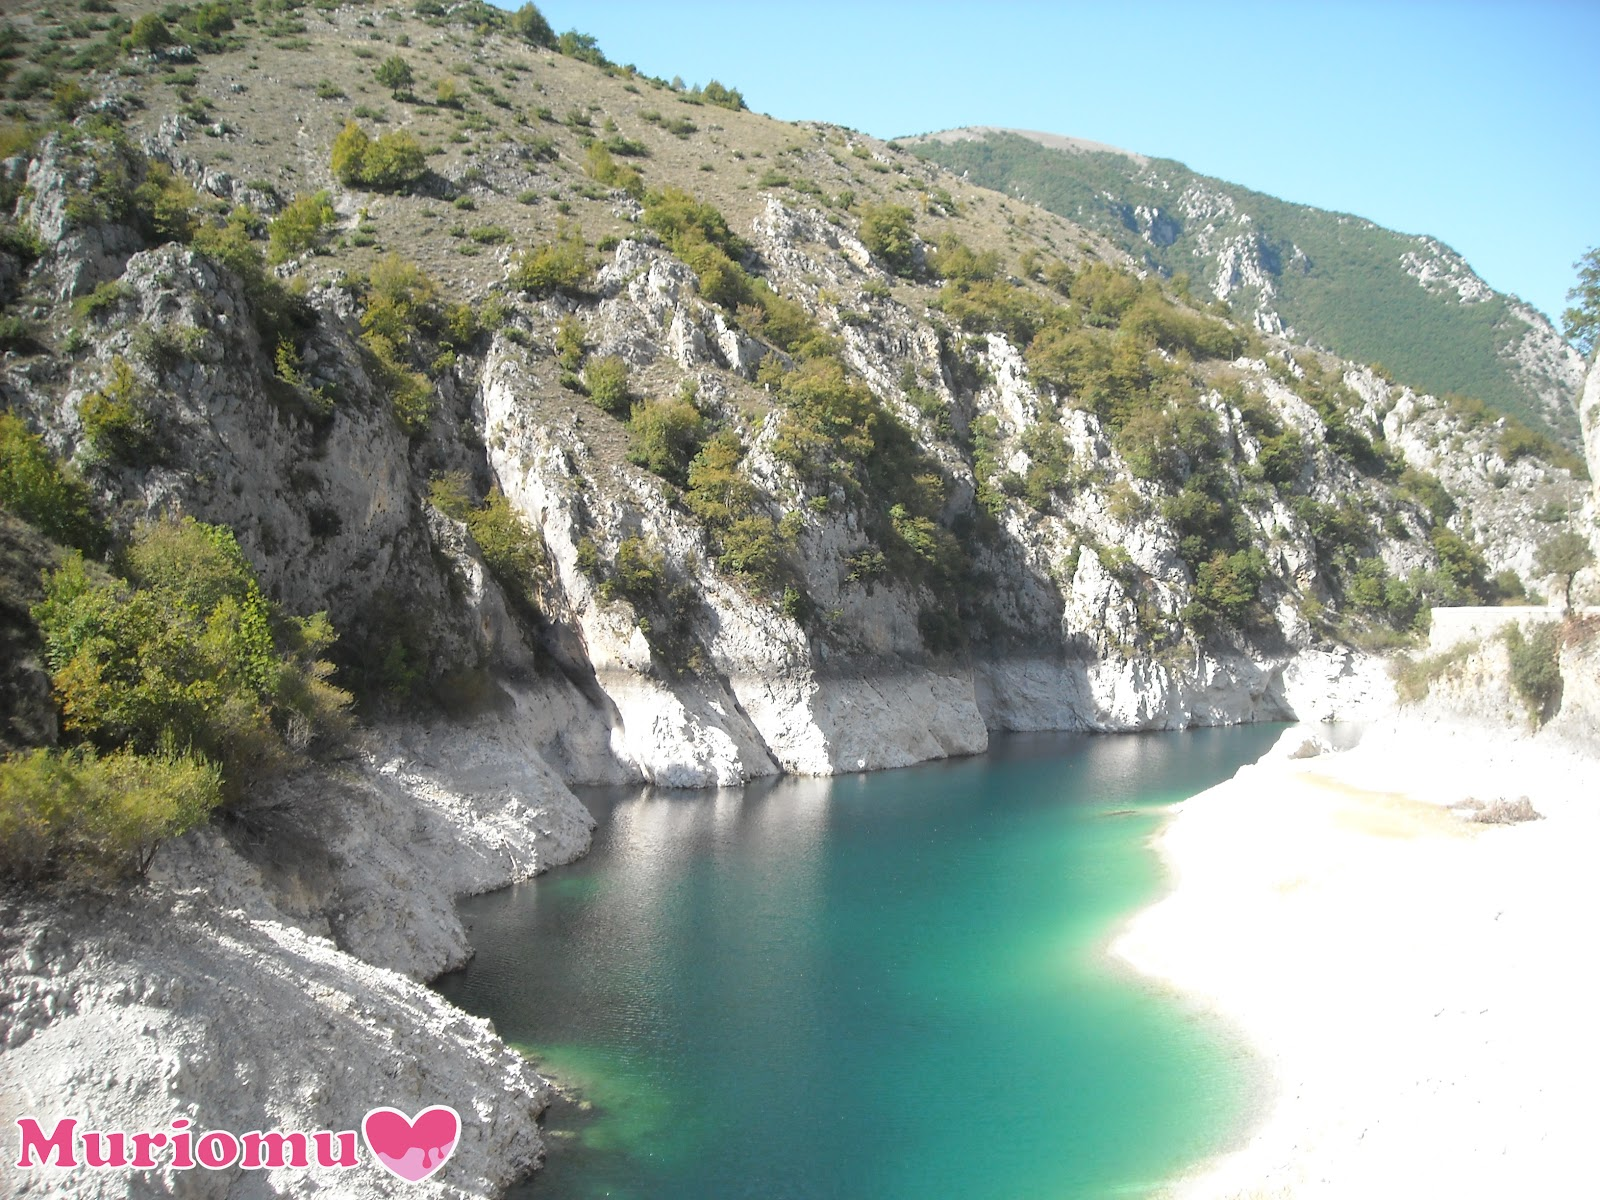 Il Meraviglioso Mondo di Muriomu: Gita in Abruzzo *-* Parte 1